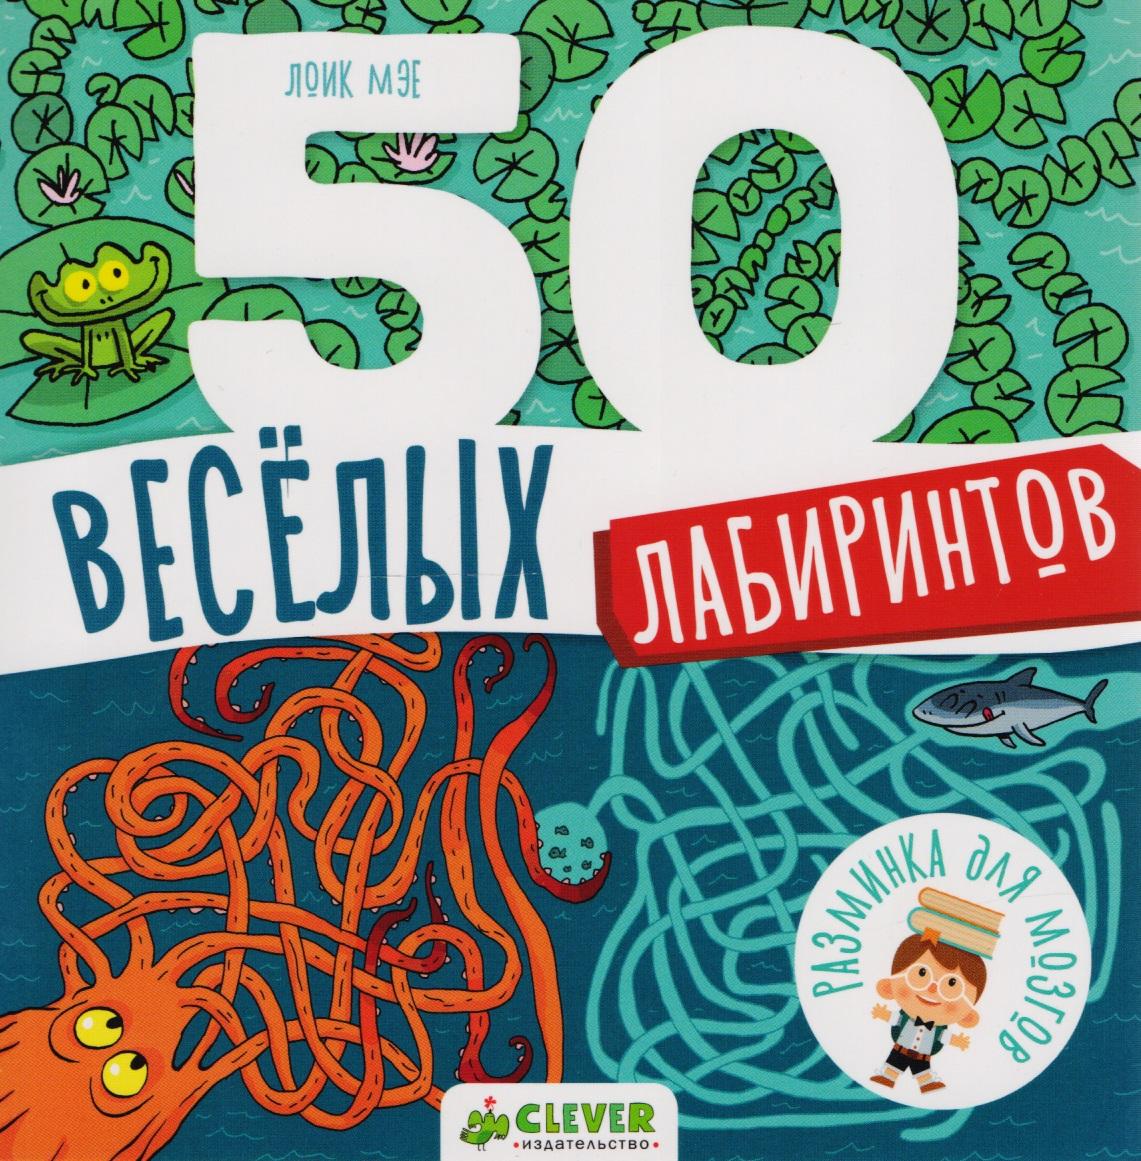 Мэе Л. 50 весёлых лабиринтов